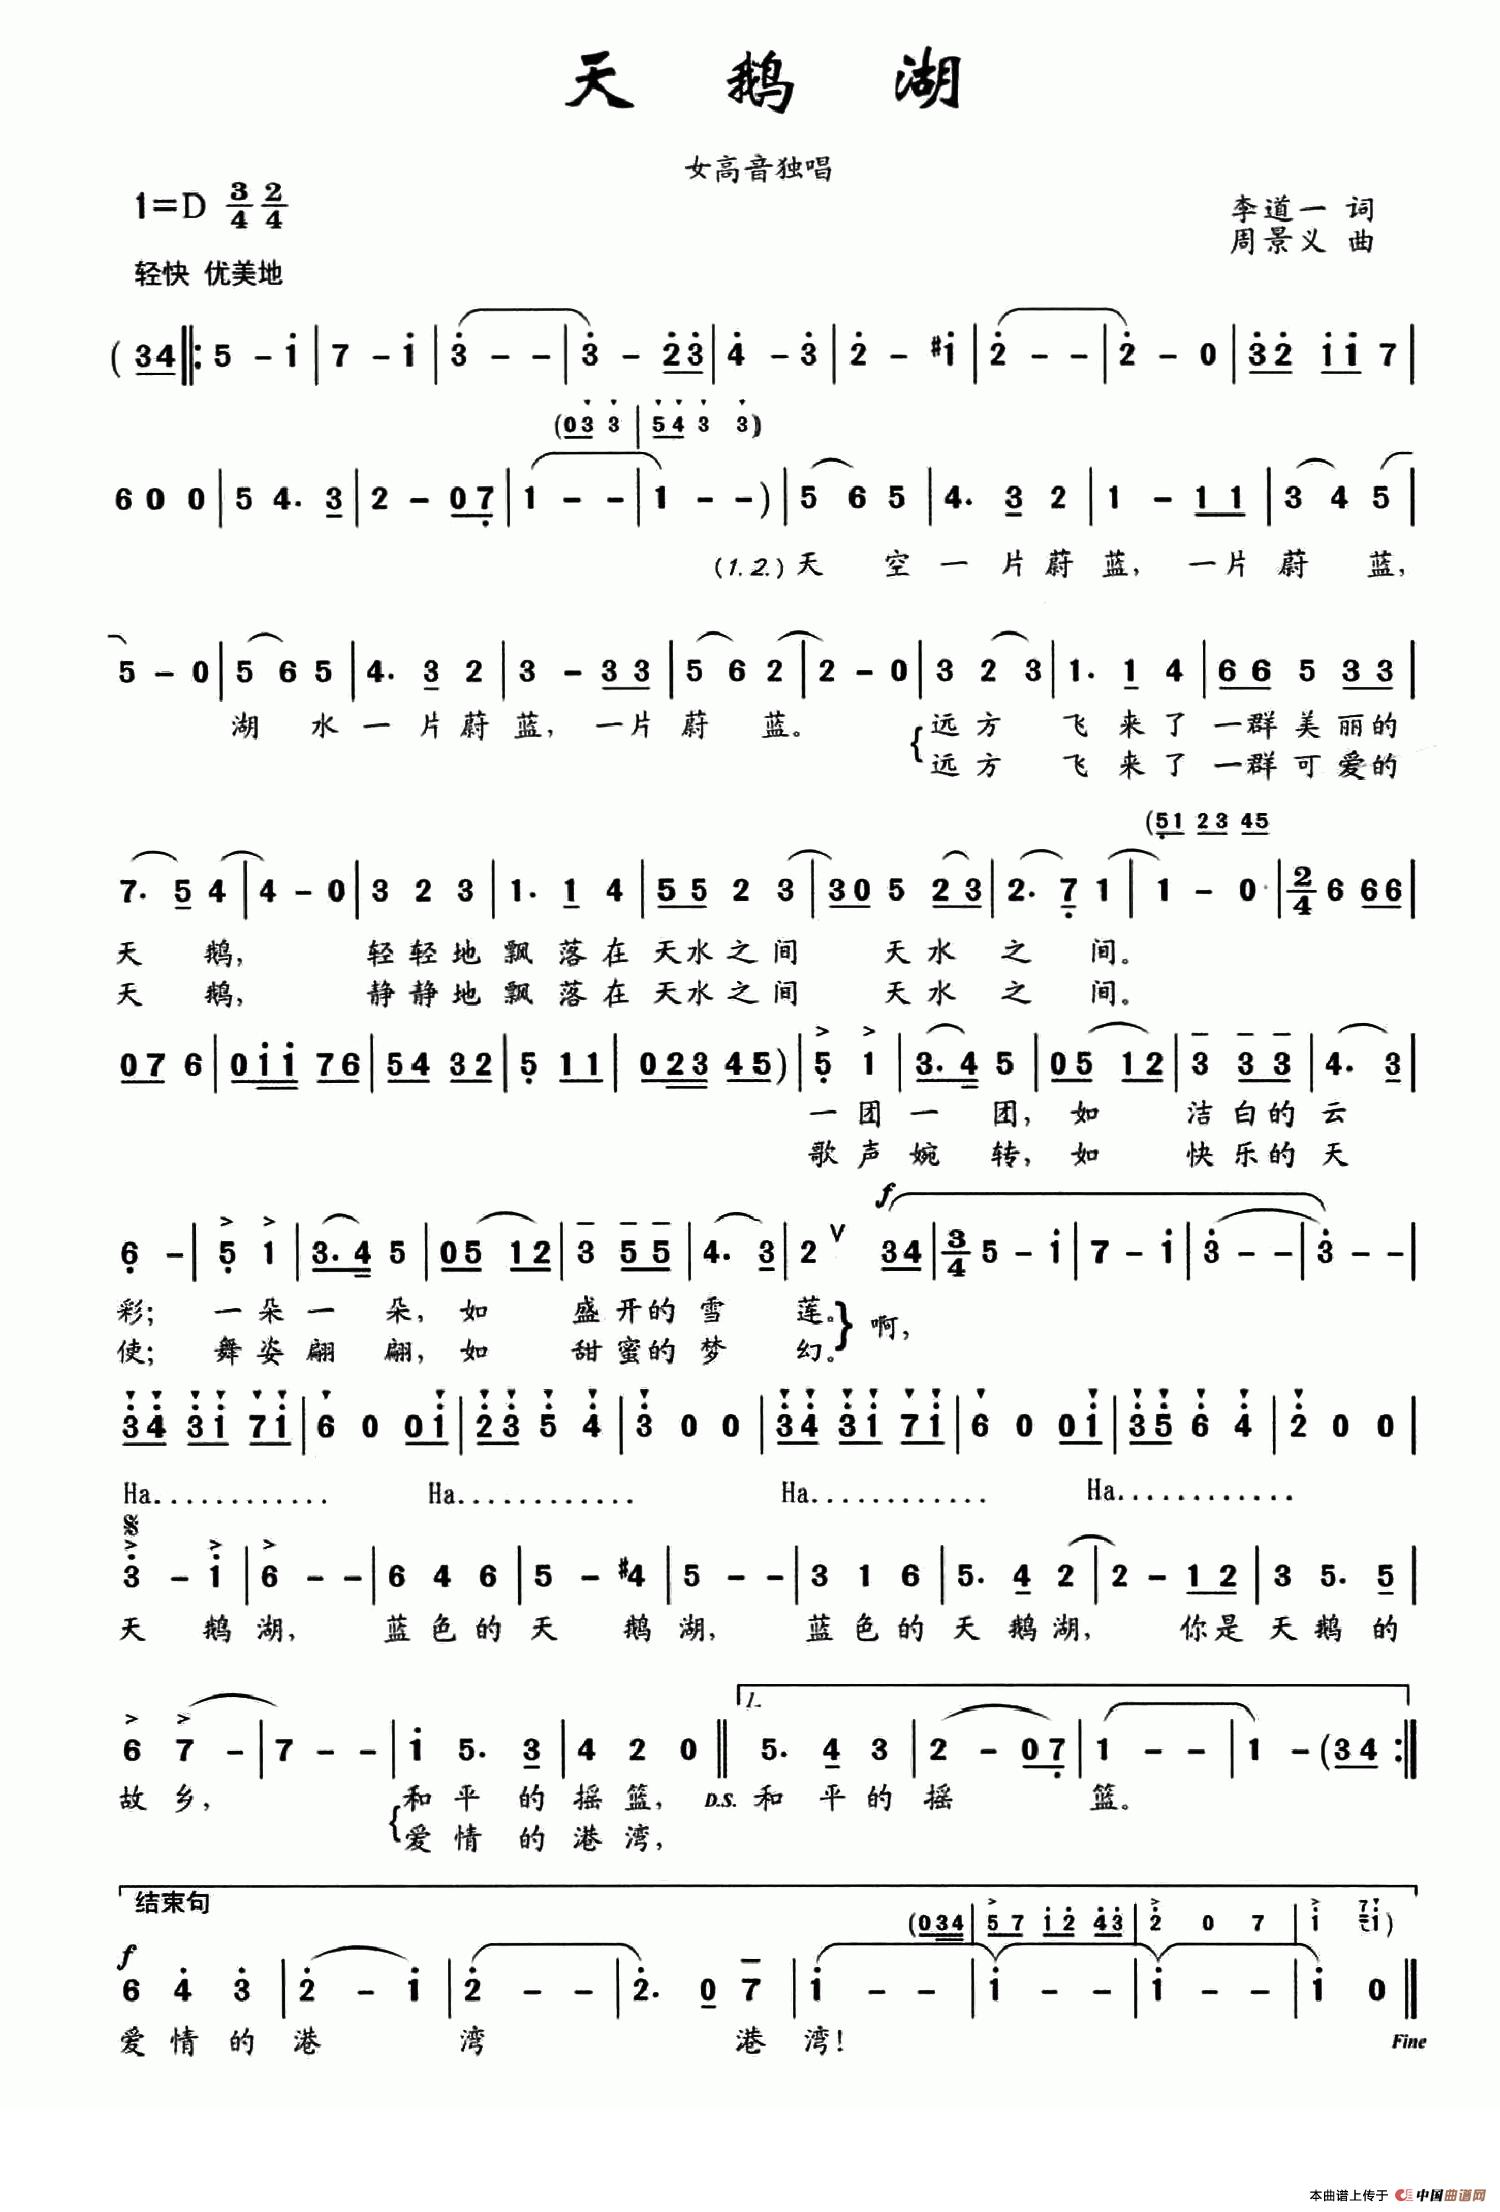 天鹅湖钢琴简谱_天鹅湖(李道一词 周景义曲)_简谱_搜谱网